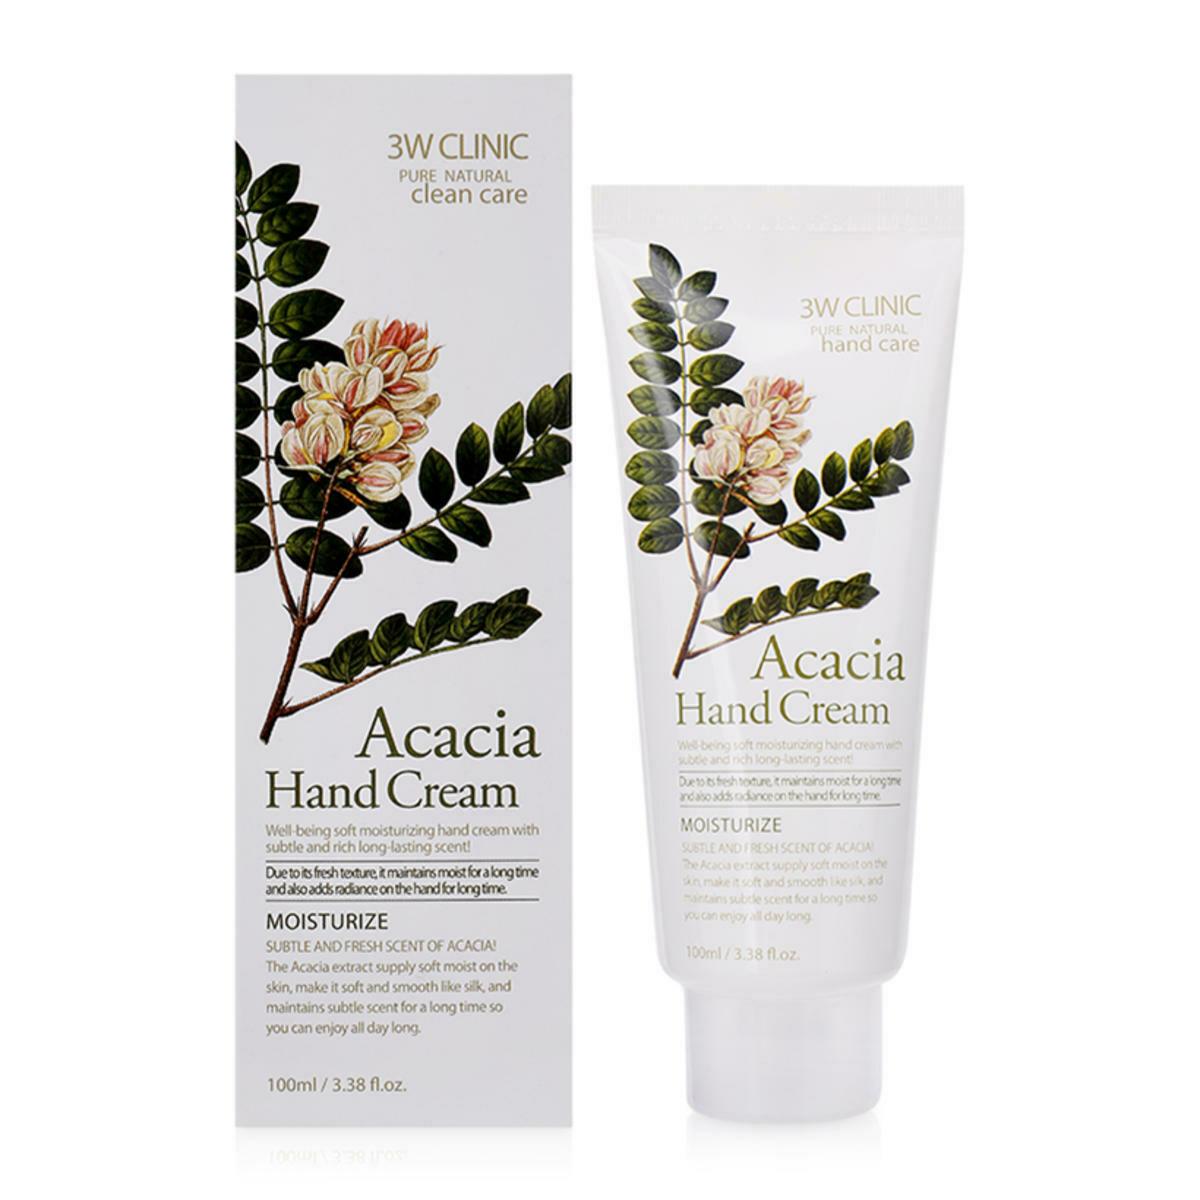 Крем д/рук увлажняющий с экстрактом АКАЦИЯ Acacia Hand Cream, 3W CLINIC 100 мл